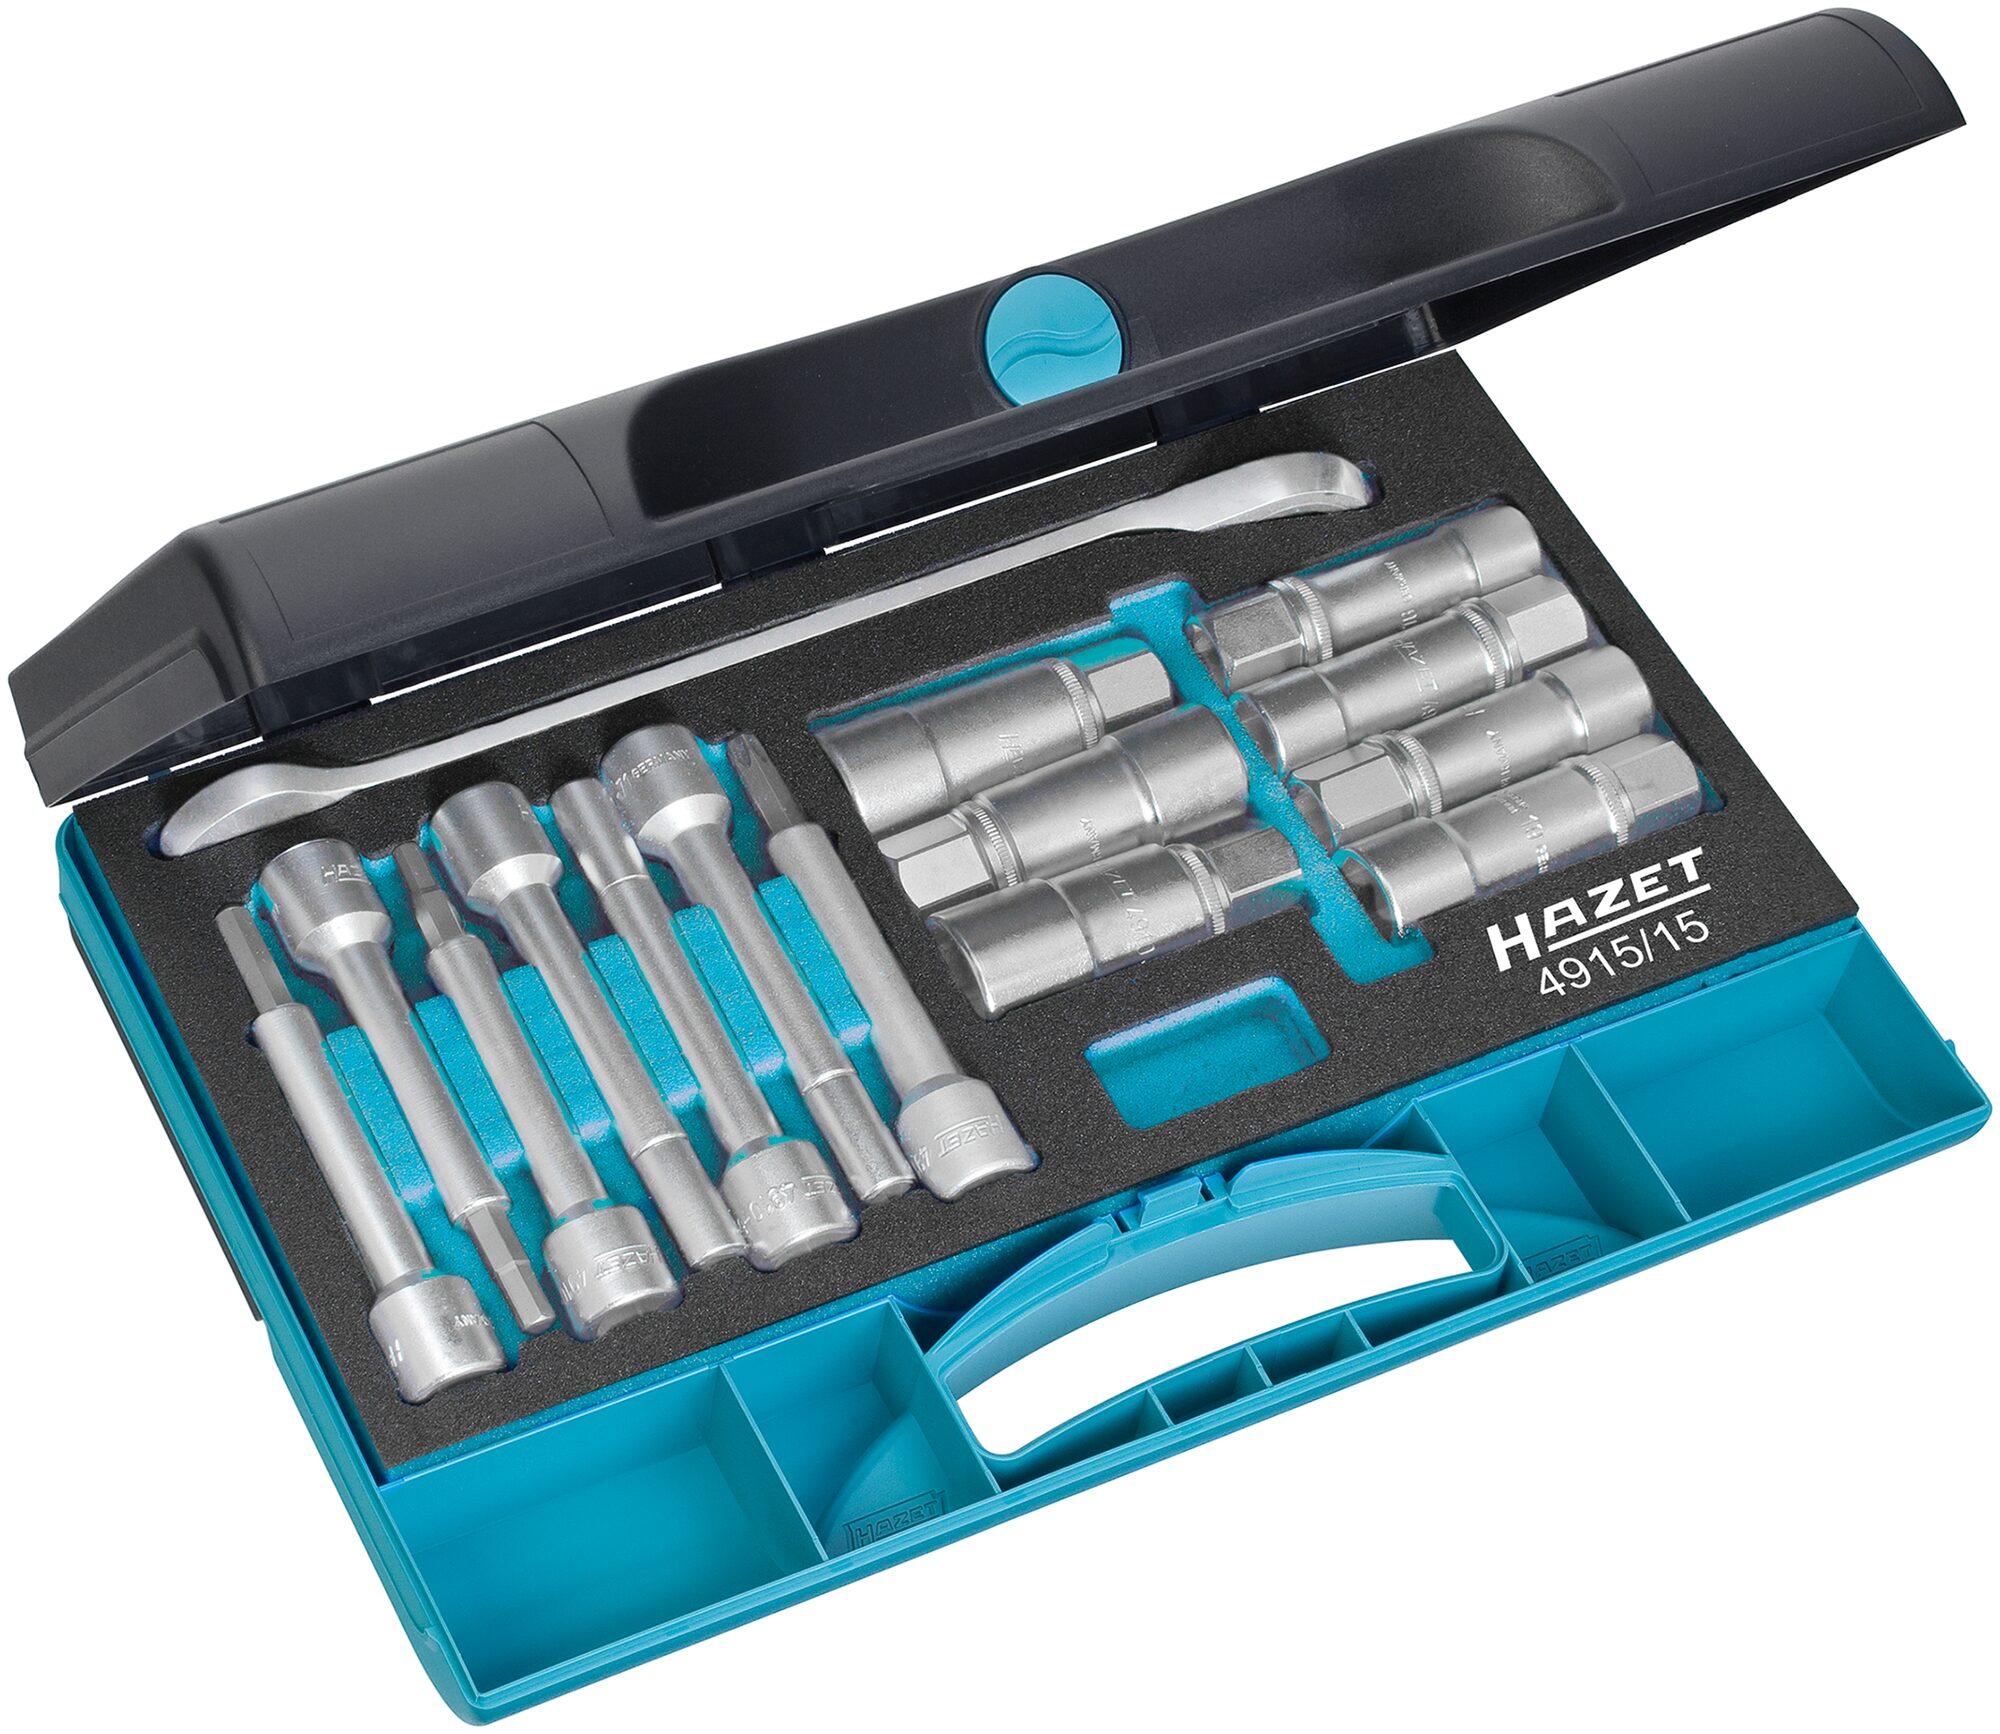 HAZET Stoßdämpfer-Werkzeug Satz 4915/15 ∙ Vierkant hohl 12,5 mm (1/2 Zoll) ∙ Anzahl Werkzeuge: 15